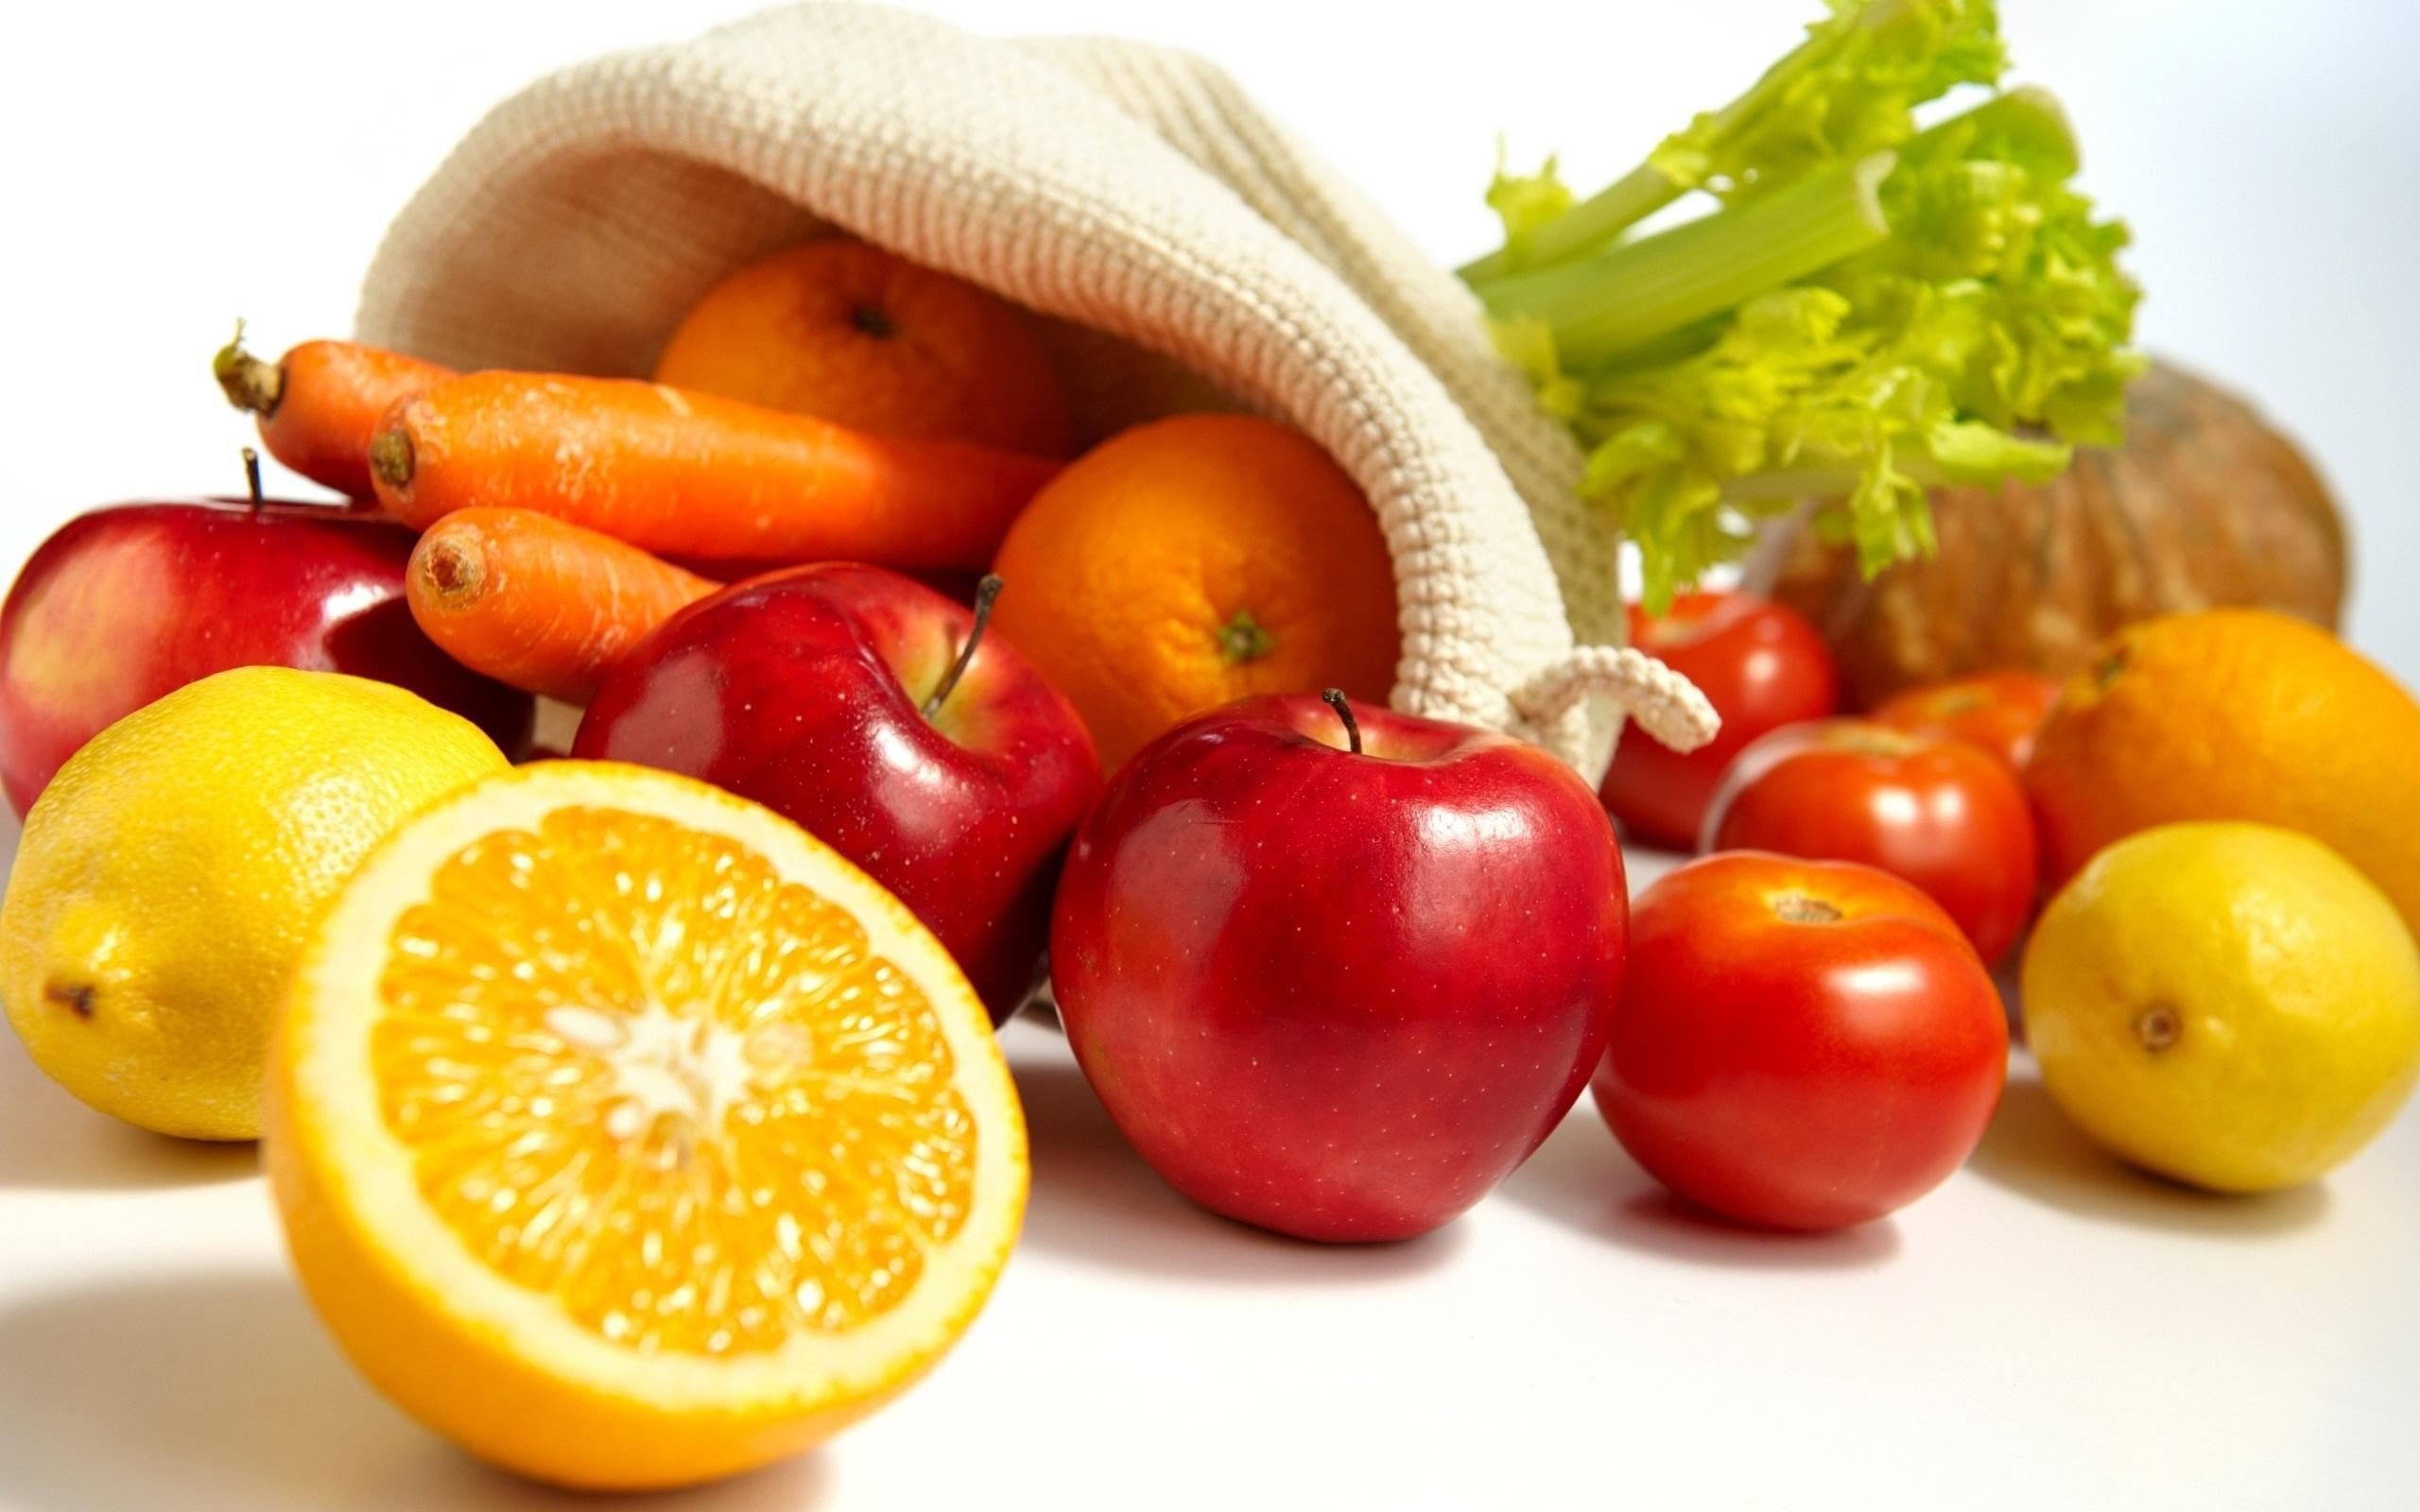 Os Alimentos Orgânicos São Melhores?